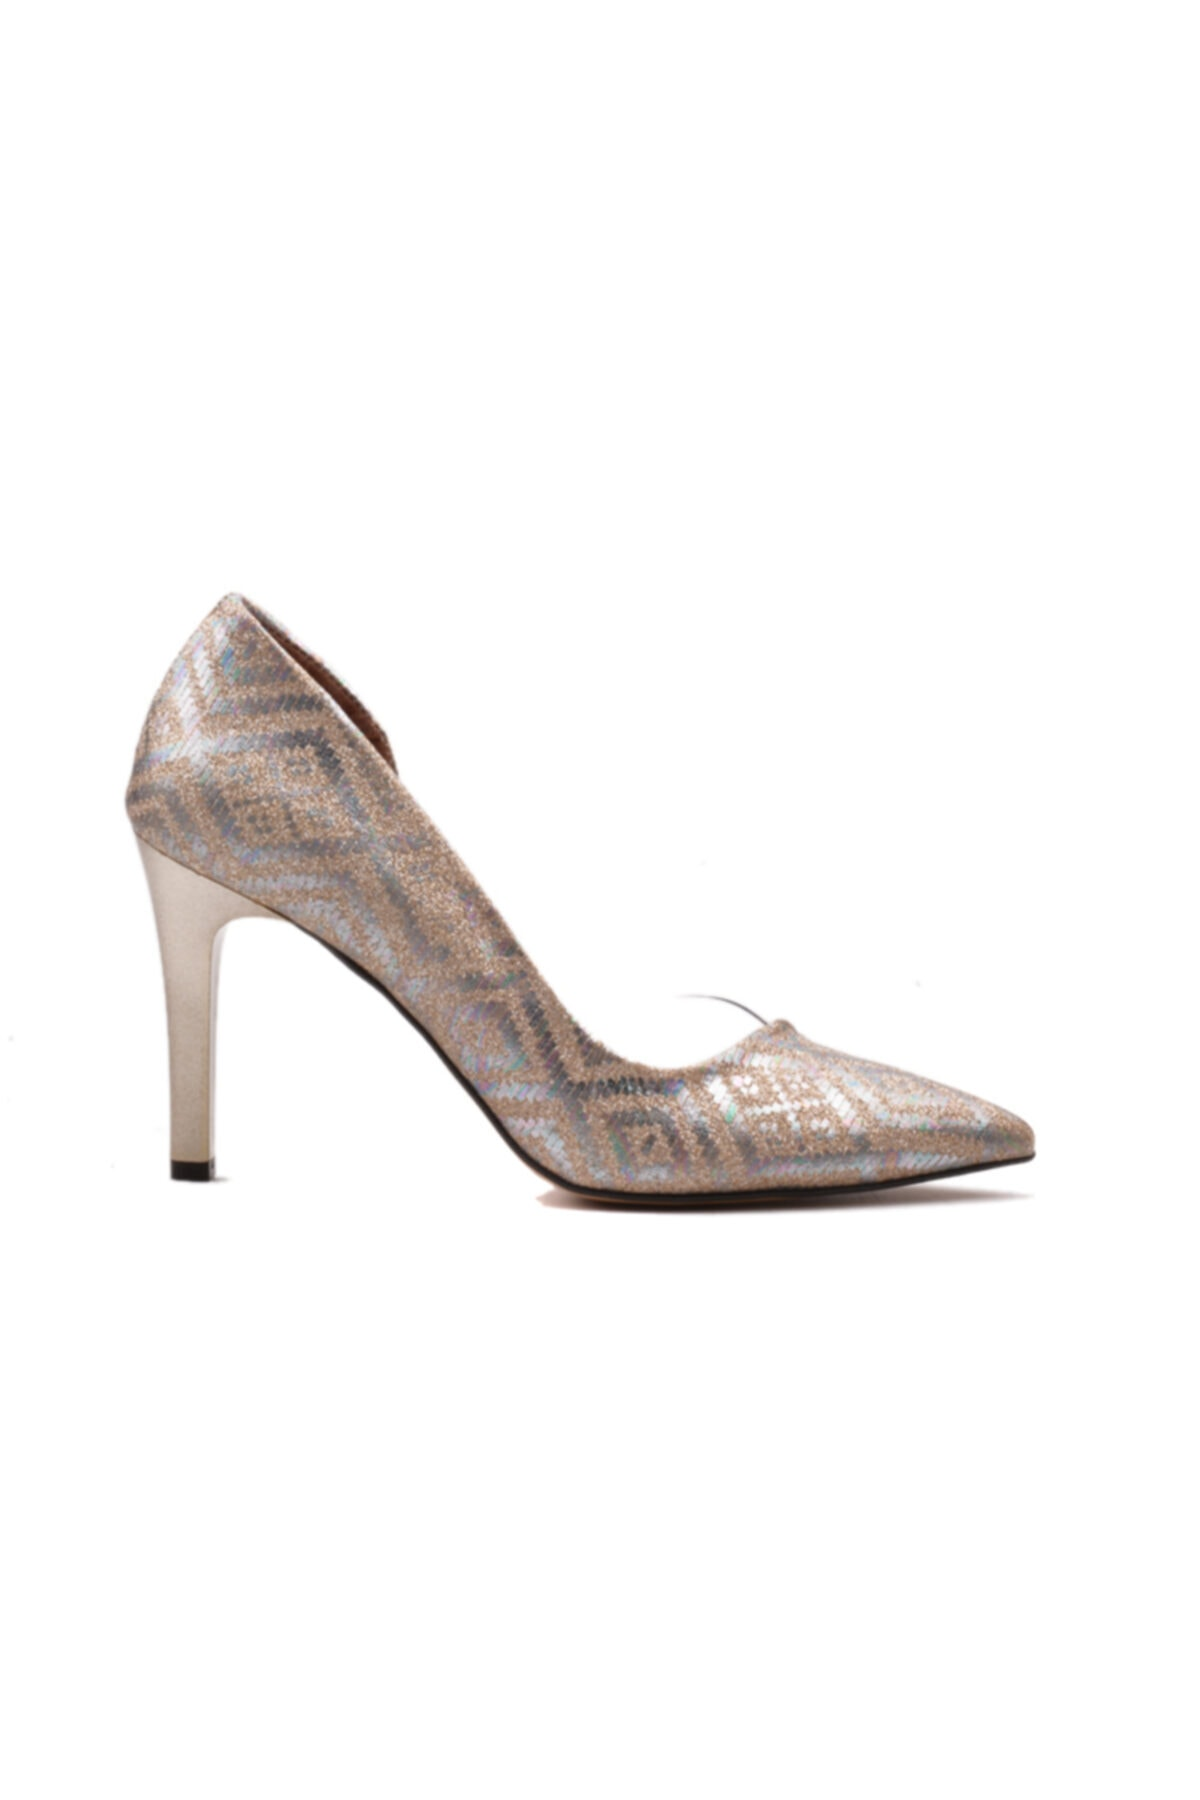 derinet Klasik Altın Baklava Simli Dekolteli Kadın Stiletto